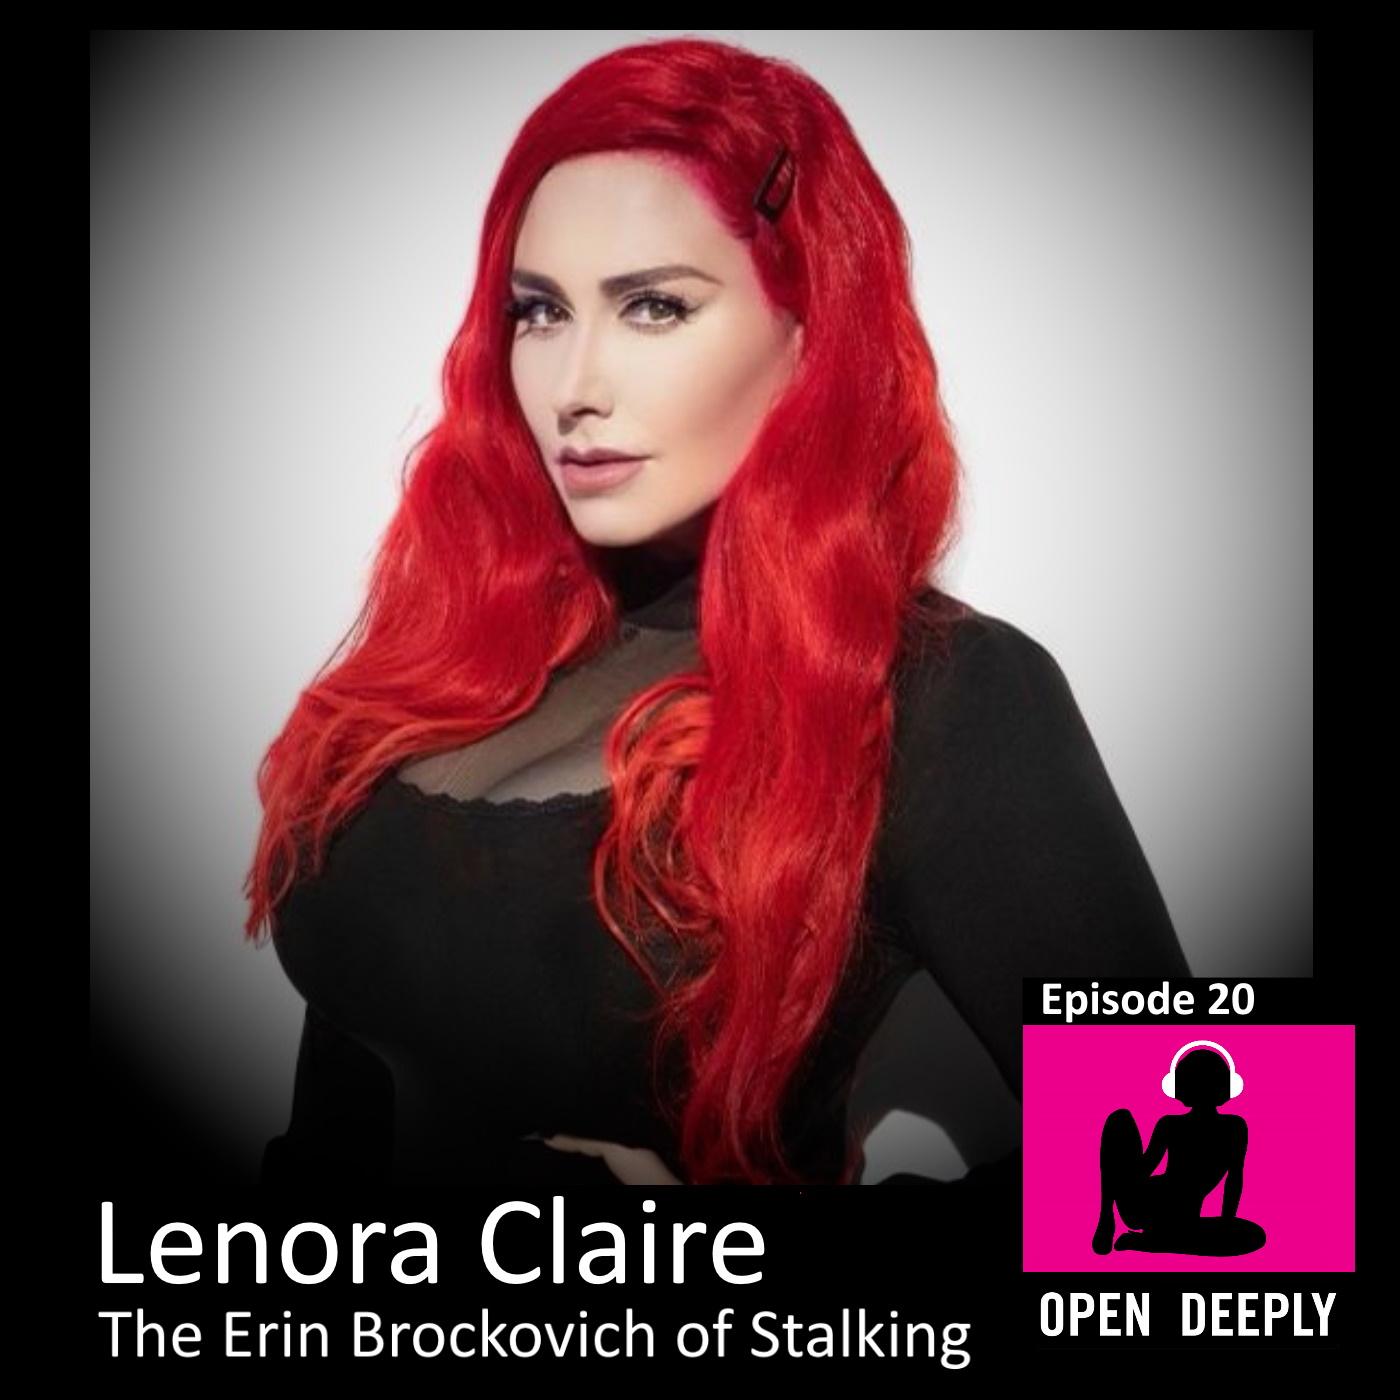 Lenora Claire